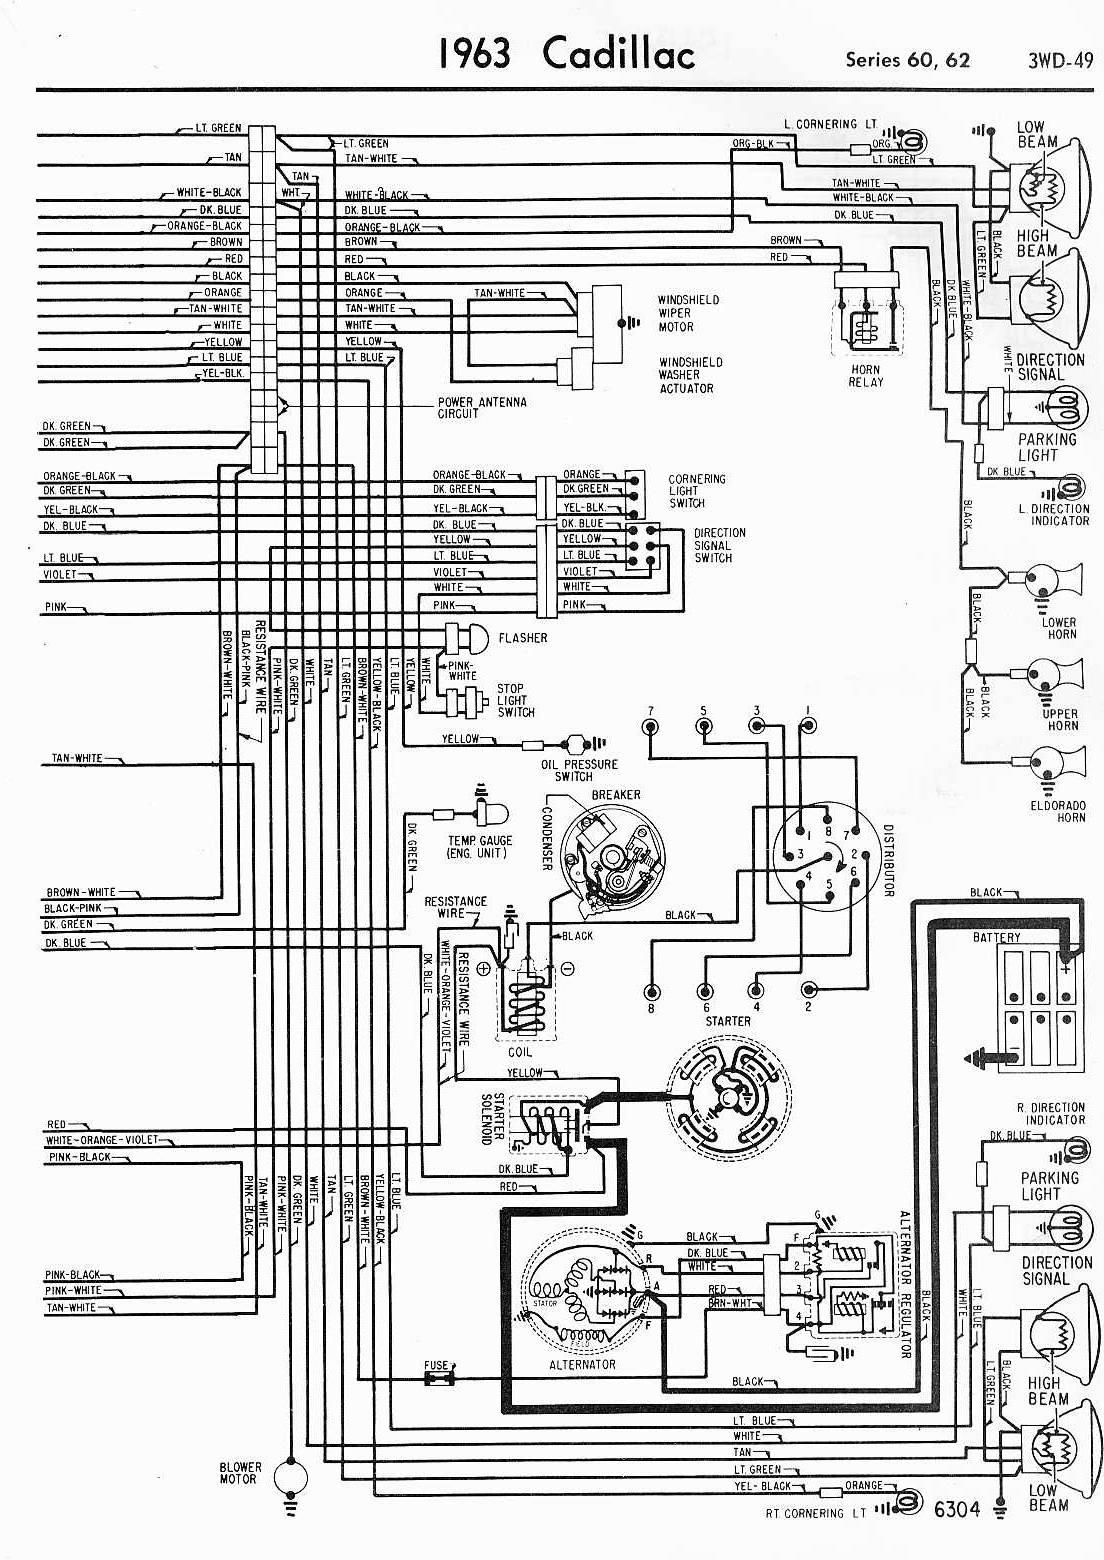 cadillac wiring diagrams online schematic diagram u2022 rh holyoak co 1961 cadillac fleetwood wiring diagram 1961 cadillac fleetwood wiring diagram